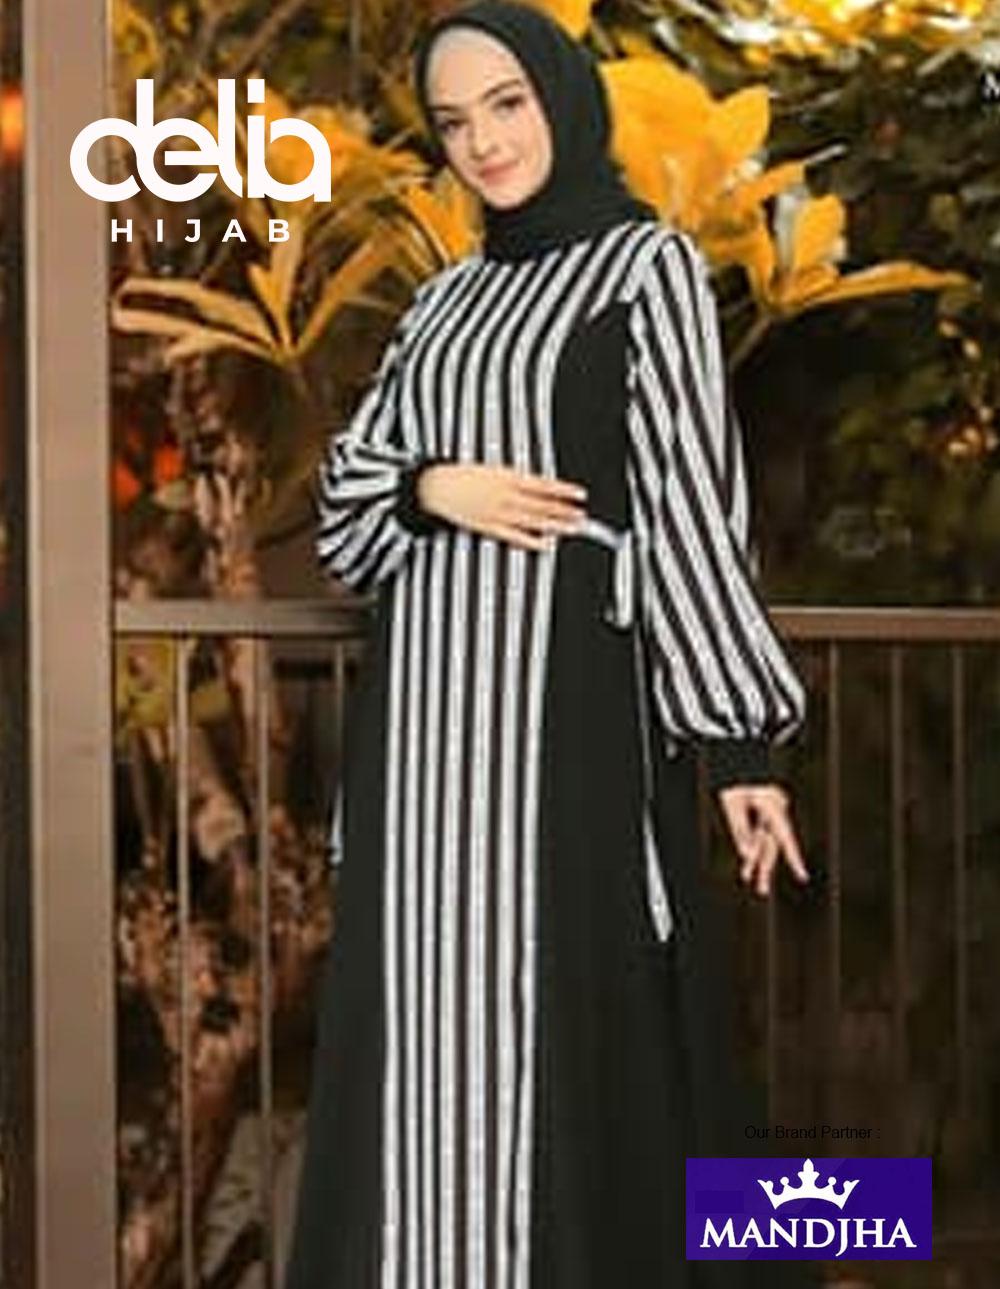 Dress Ivan Gunawan Monogram Stripped Dress Mandjha Hijab Delia Hijab